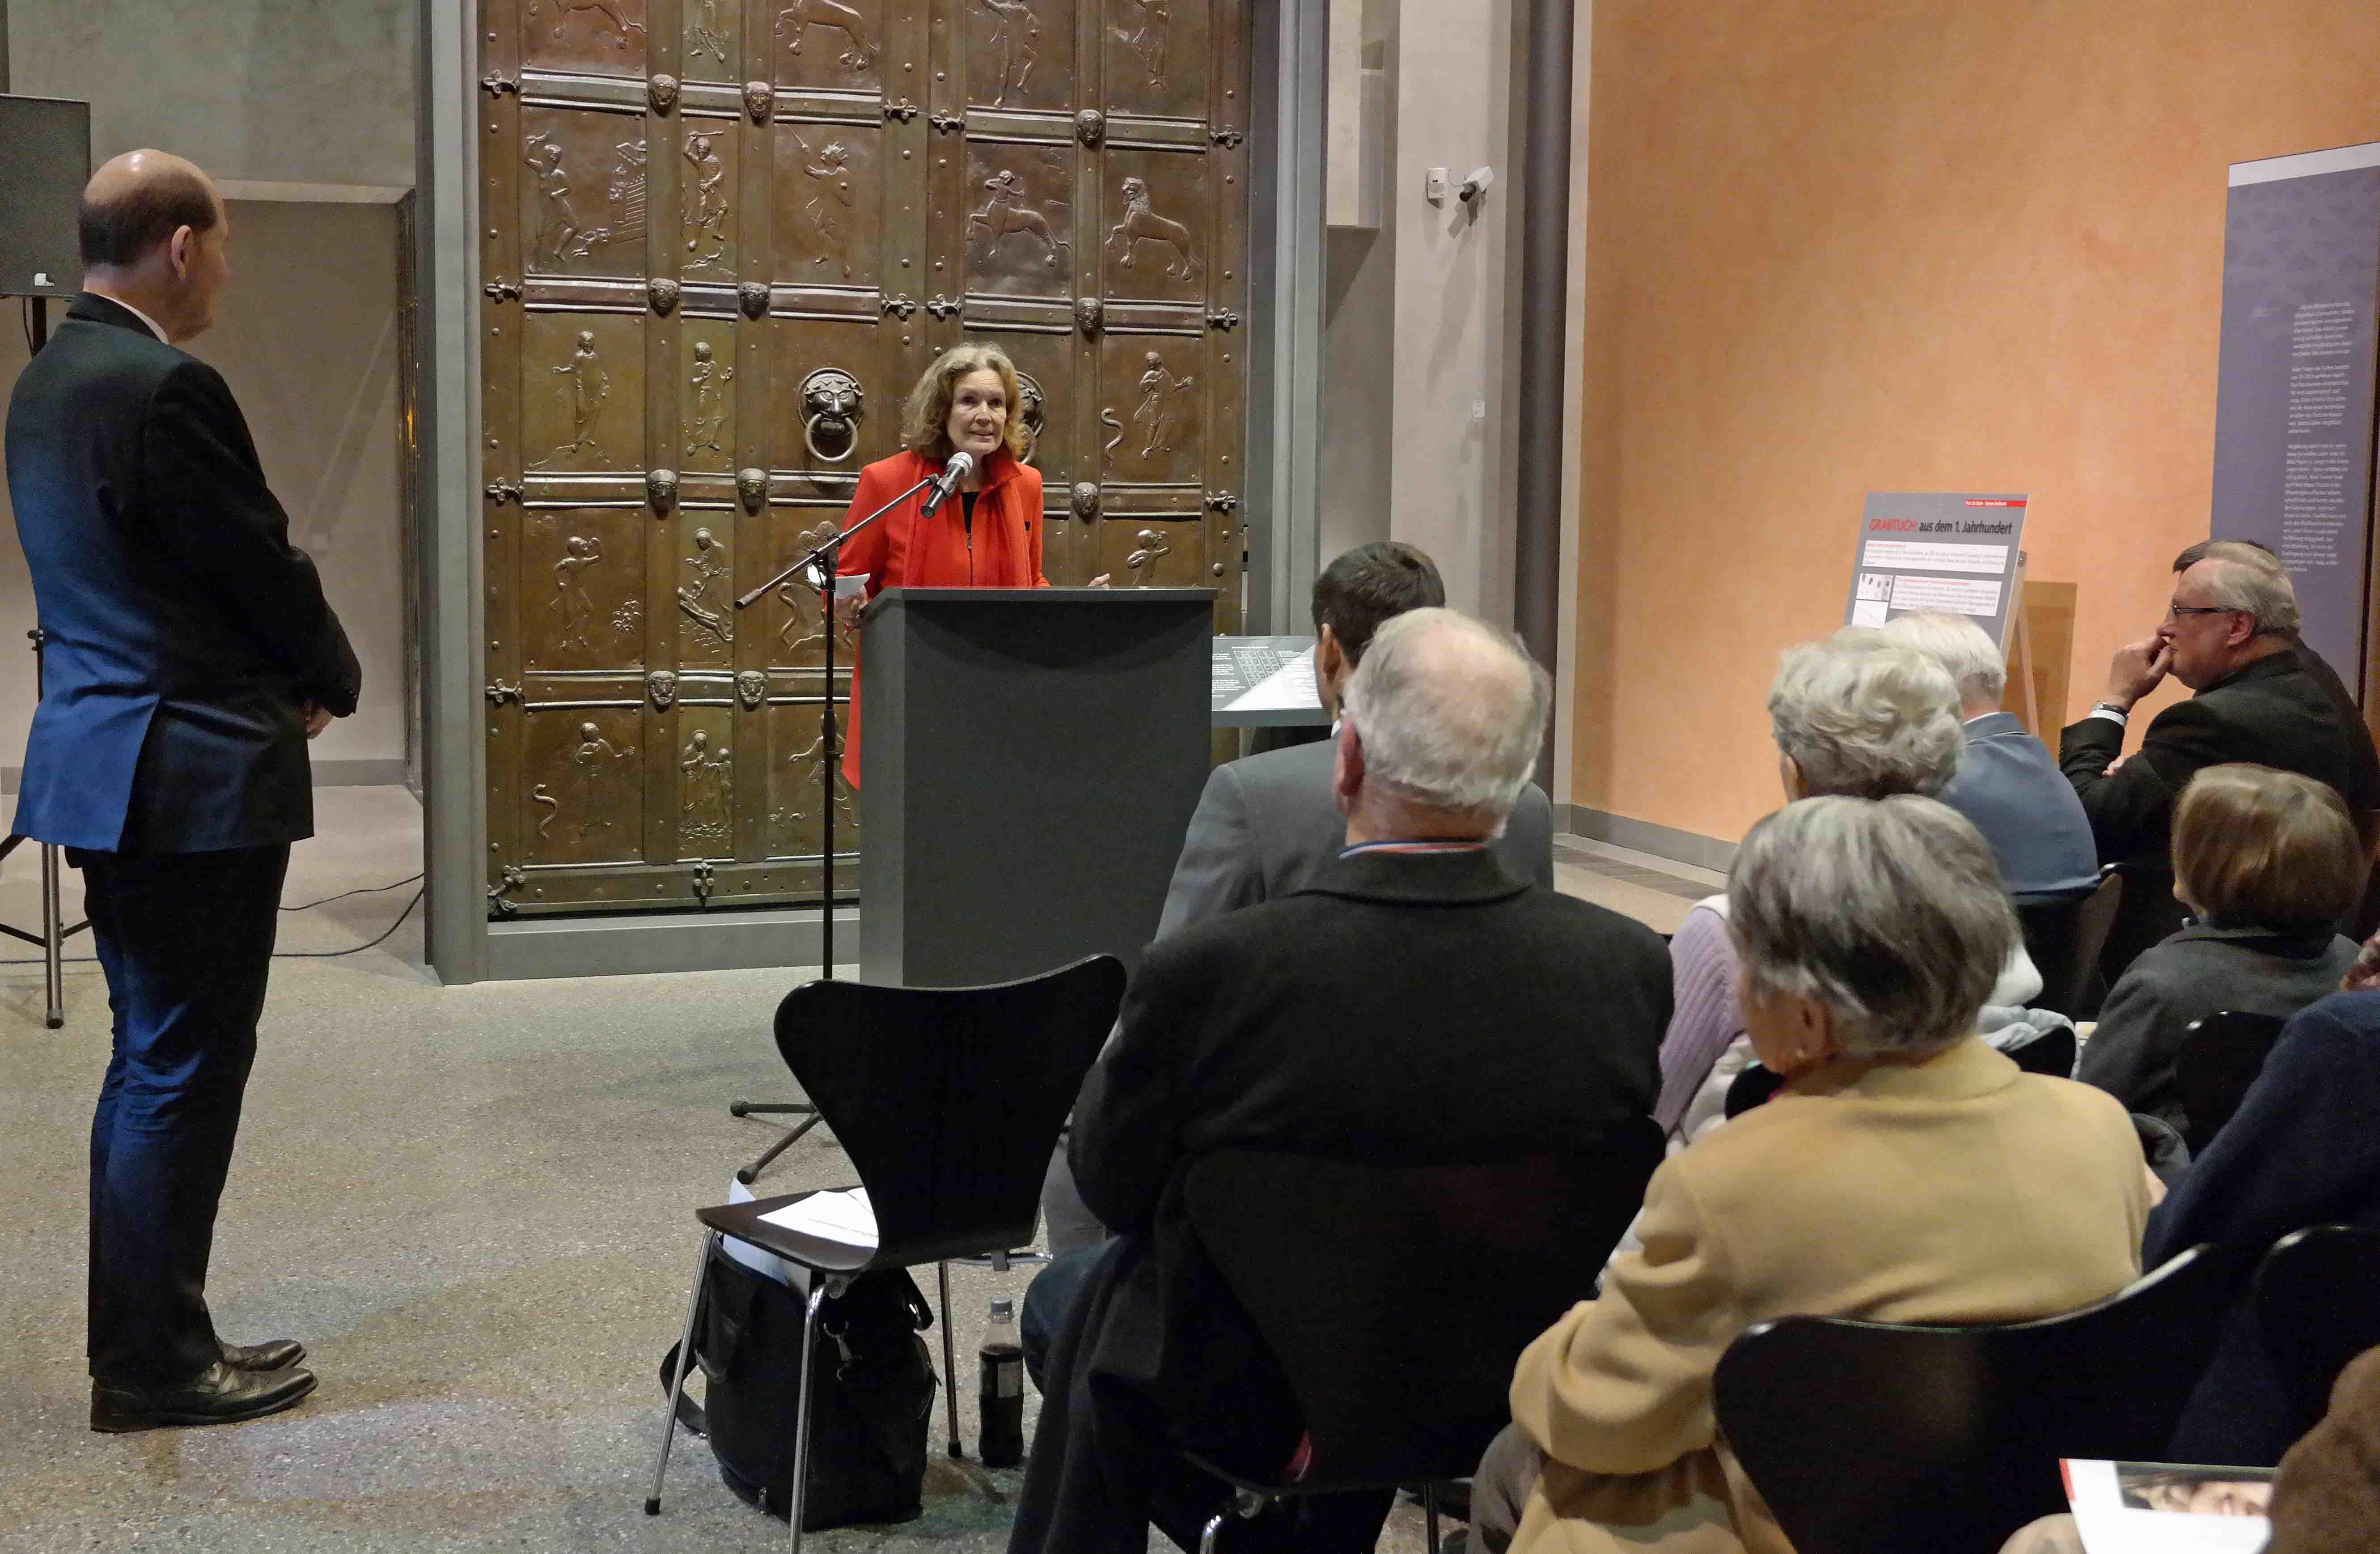 Die Ausstellungskuratorin, Bettina von Trott zu Solz, vor rund 120 Gästen bei der feierlichen Eröffnung der Ausstellung im Diözesanmuseum. (Foto Maria Steber/pba).